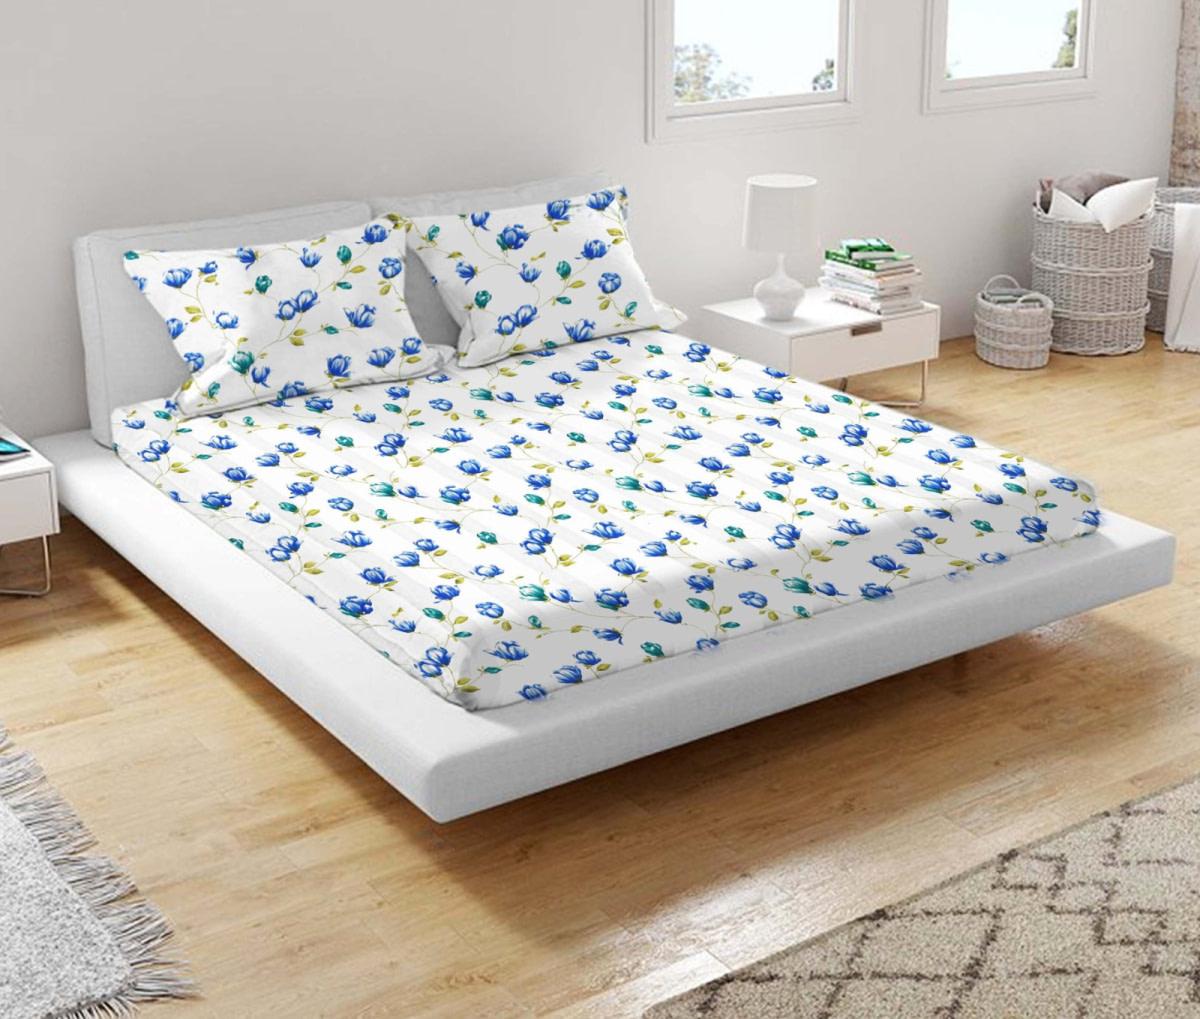 URBANA Blue Green Flower Print Double Bed Sheet 1